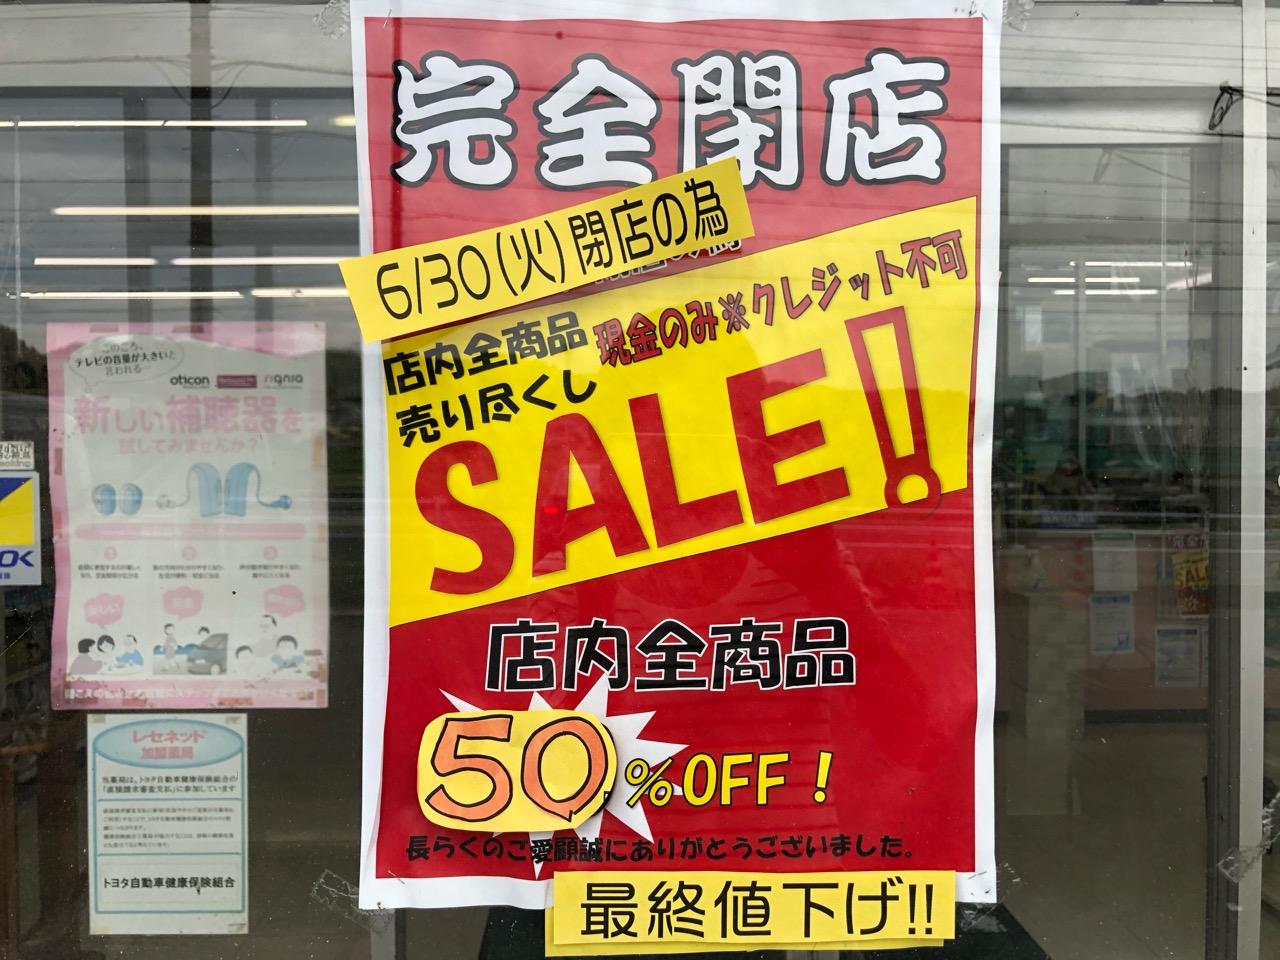 ヘルスバンク東保見閉店セール